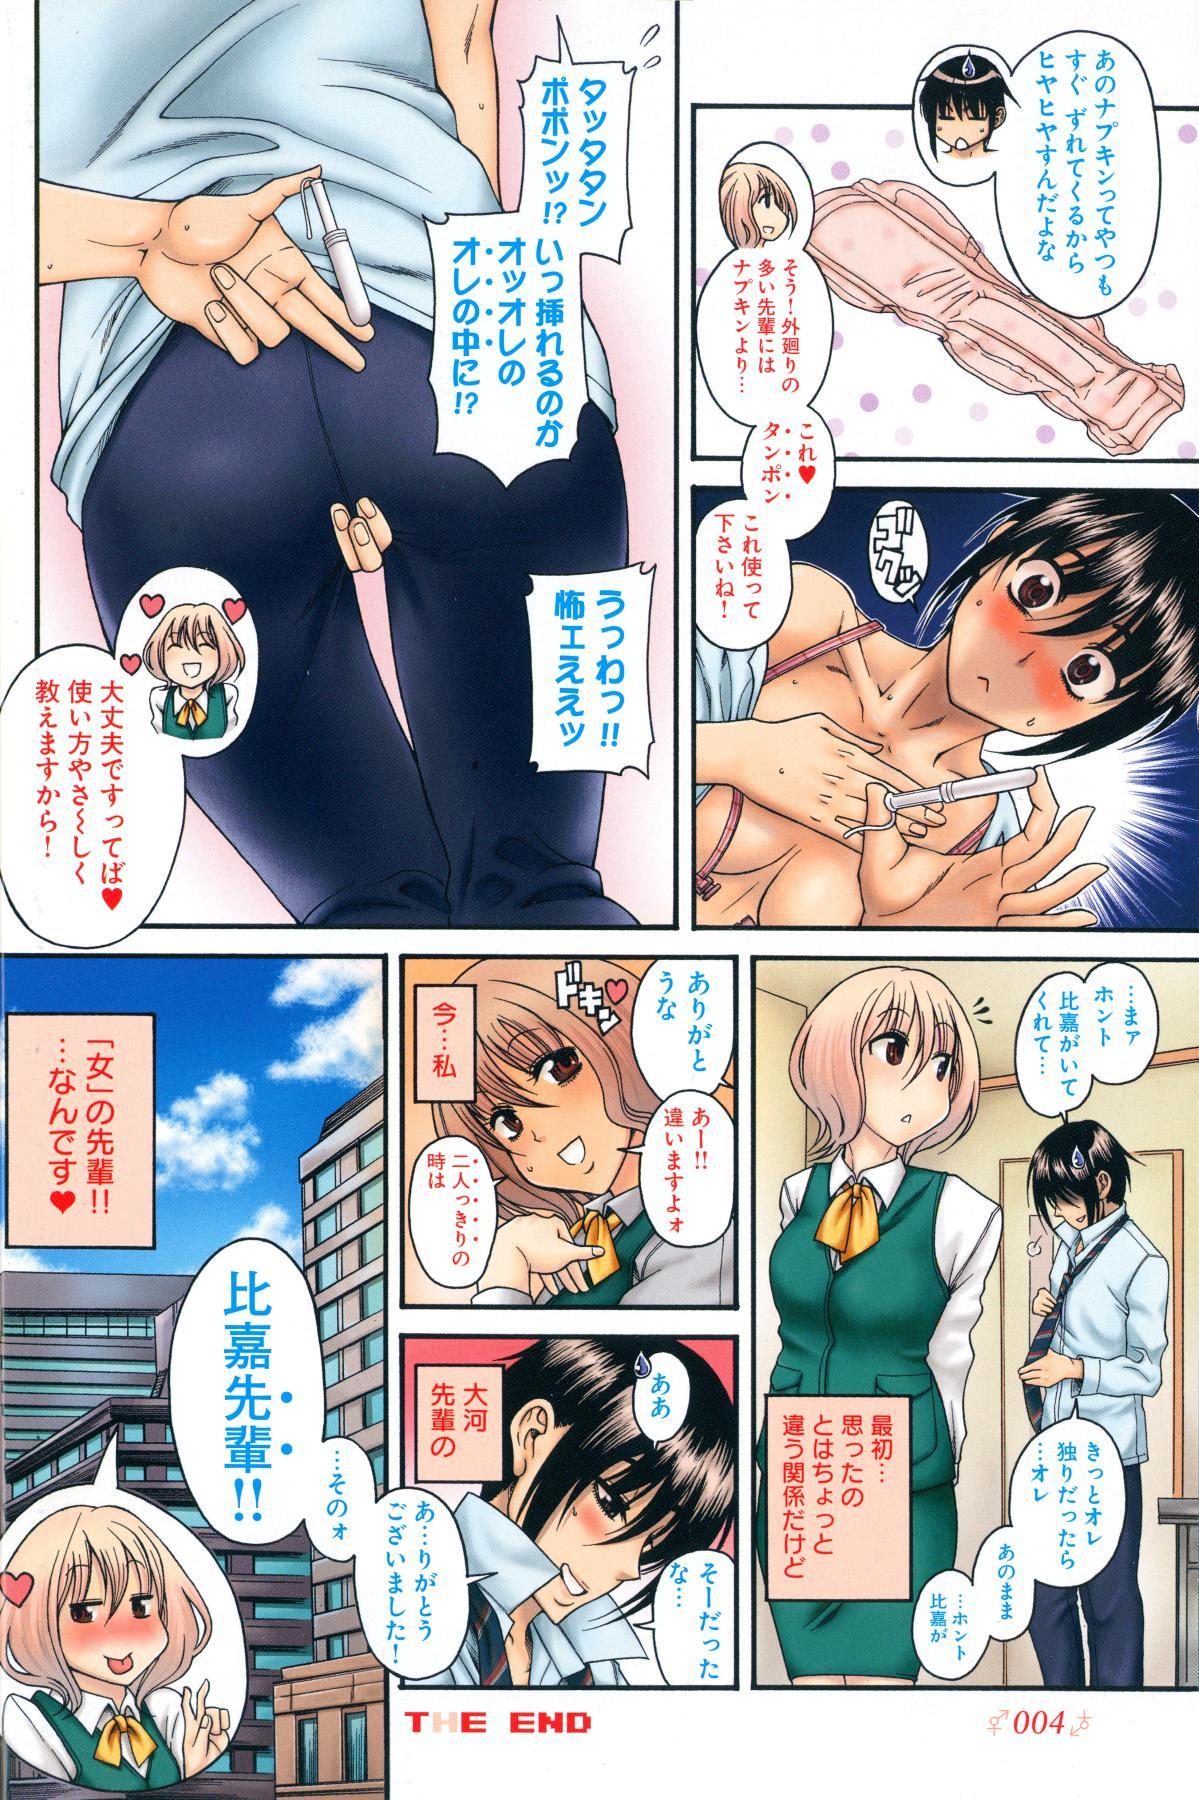 Watashi no Senpai | My Senpai 4